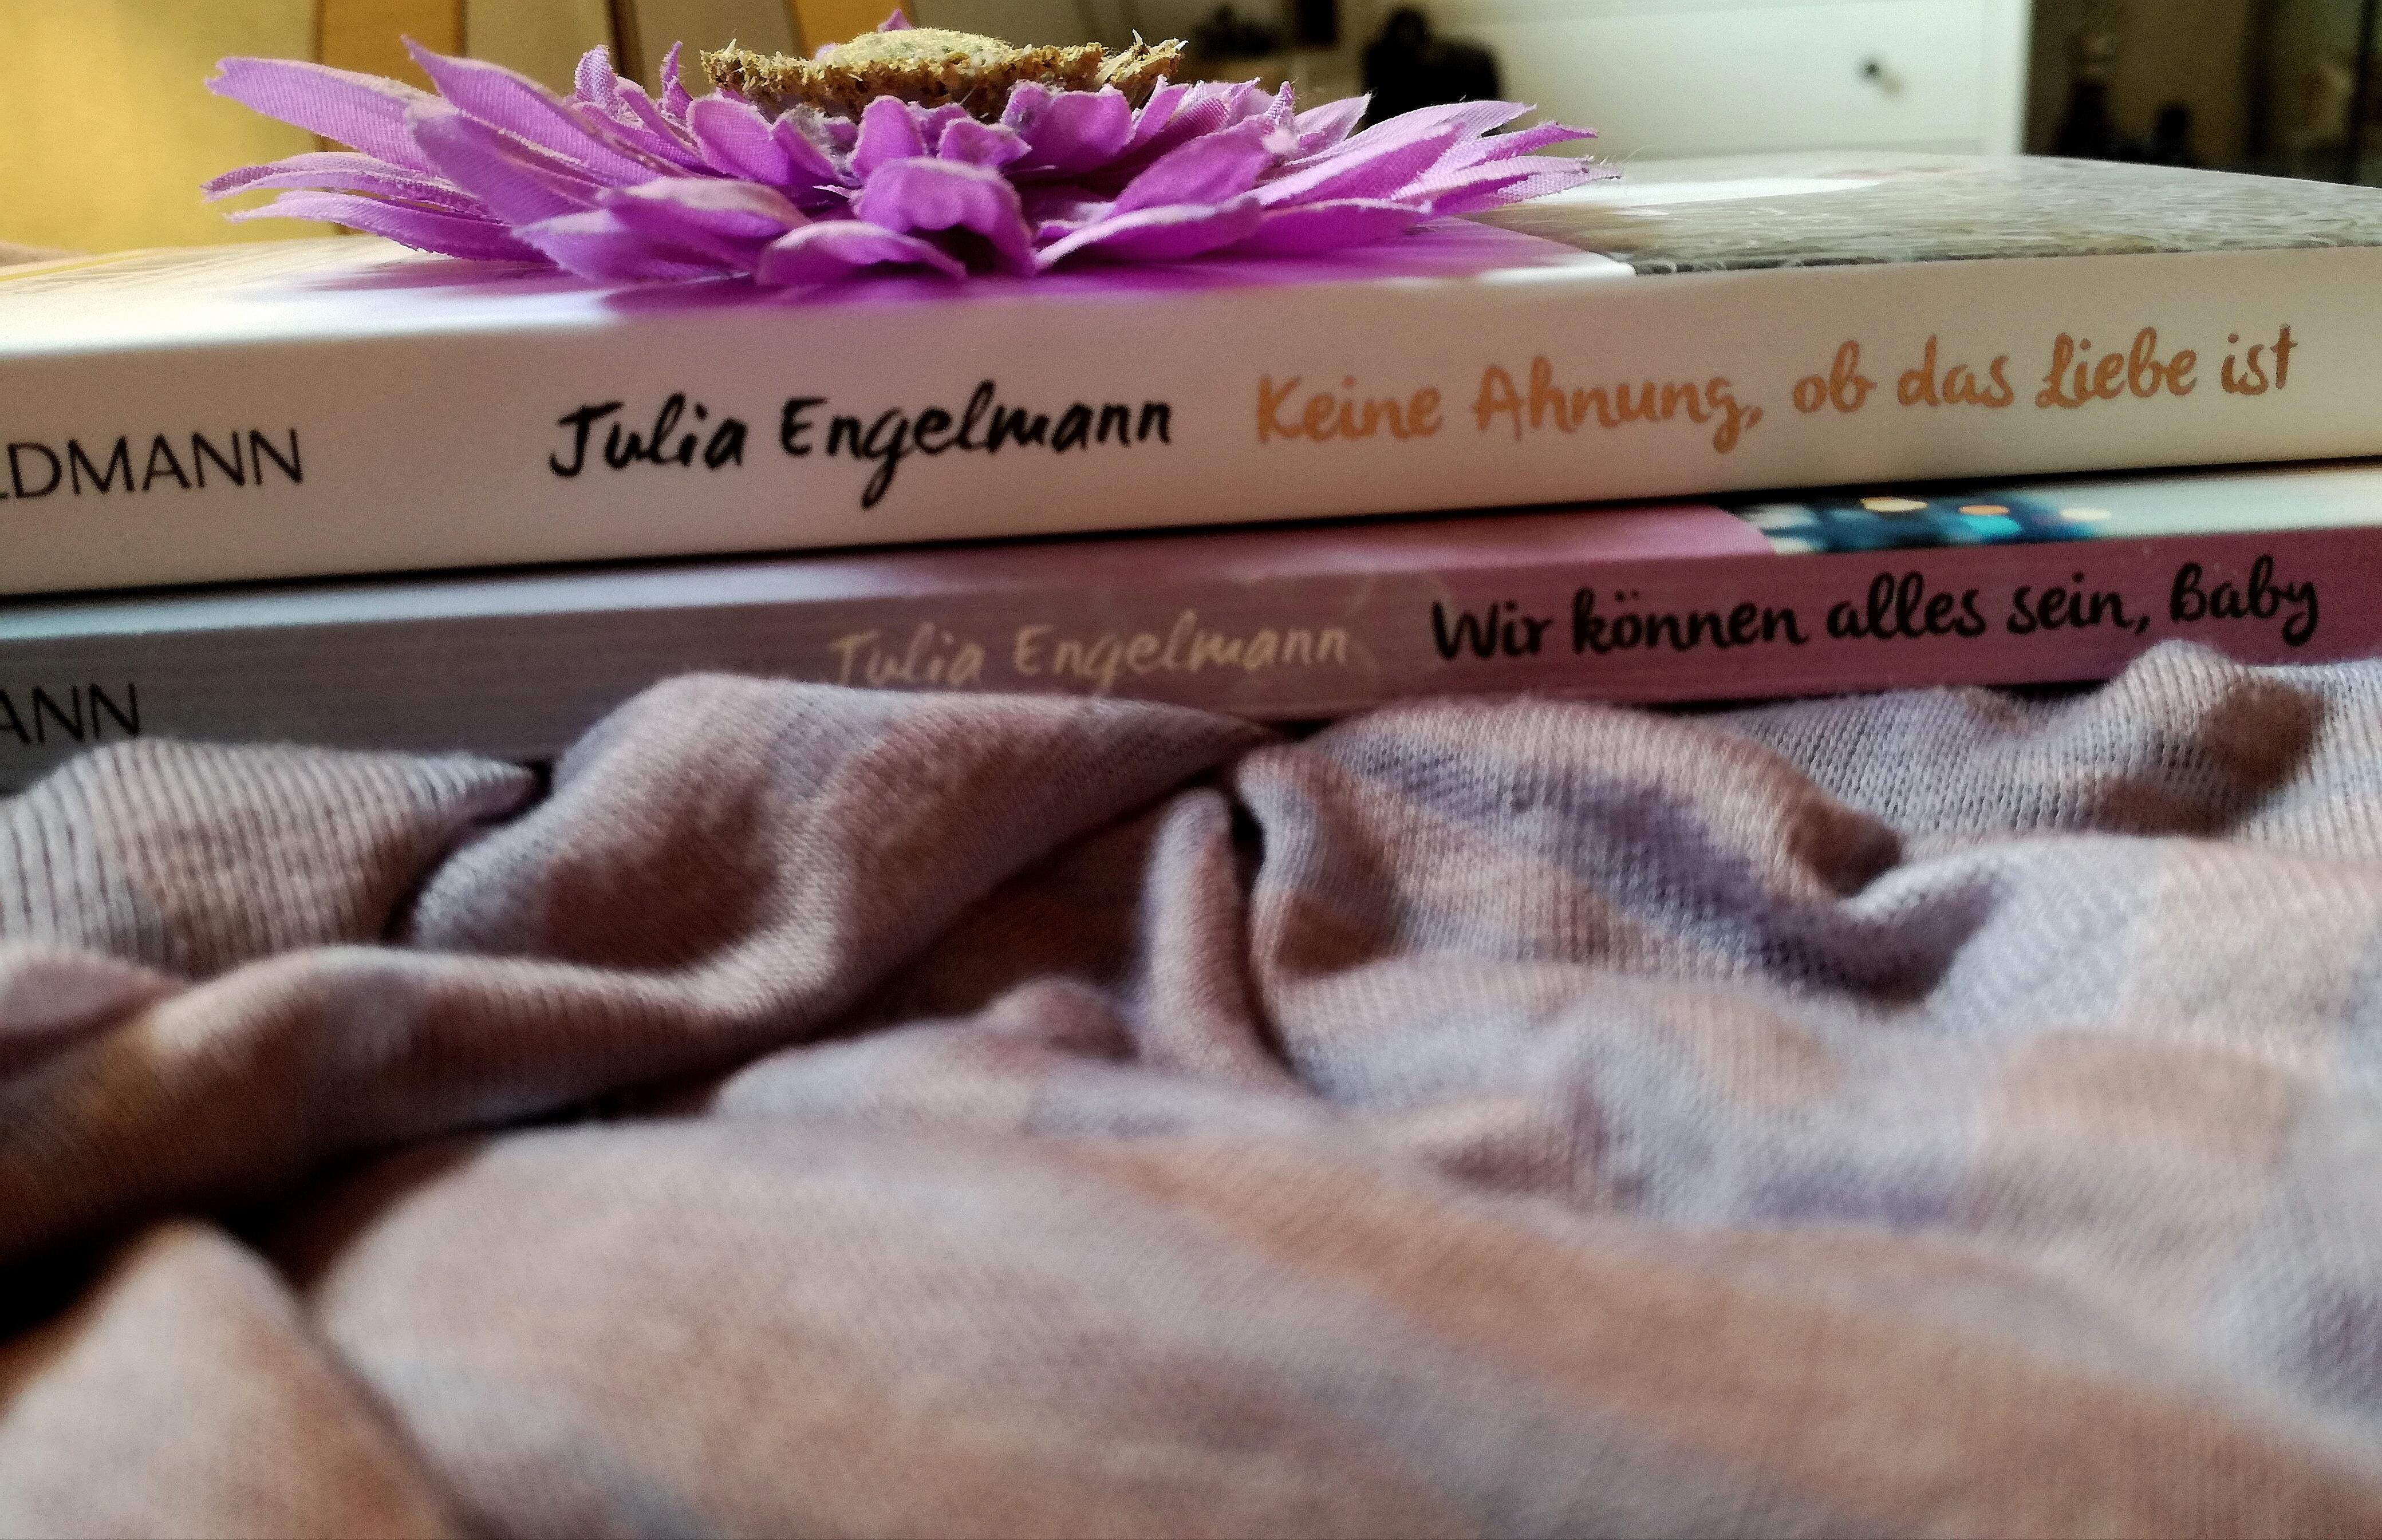 """Rezension """"Keine Ahnung, ob das Liebe ist"""" von Julia Engelmann"""